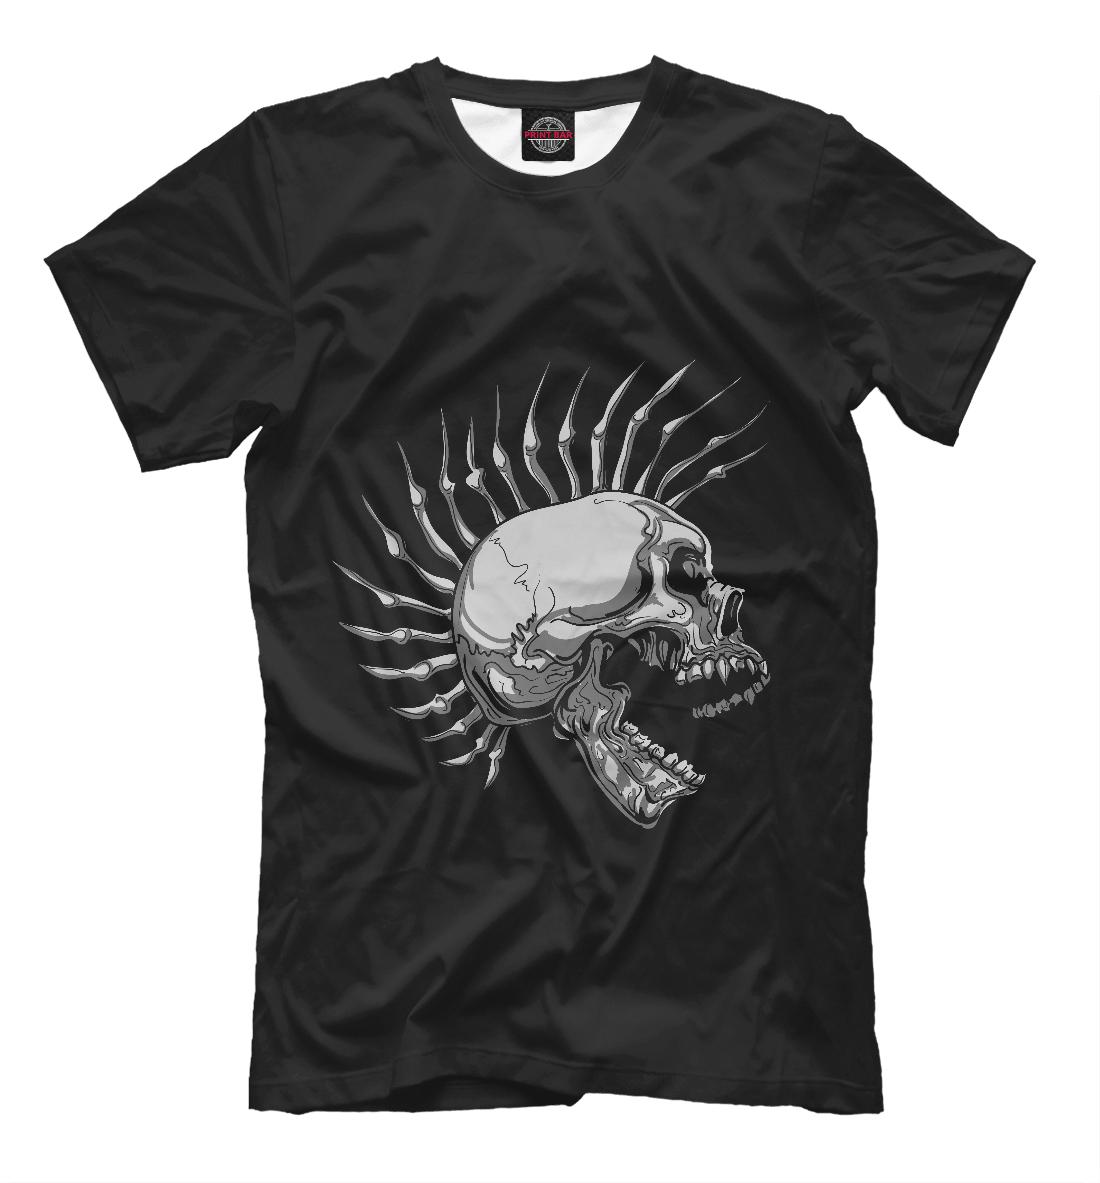 Купить Hardcore Punk Skull, Printbar, Футболки, SKU-920764-fut-2